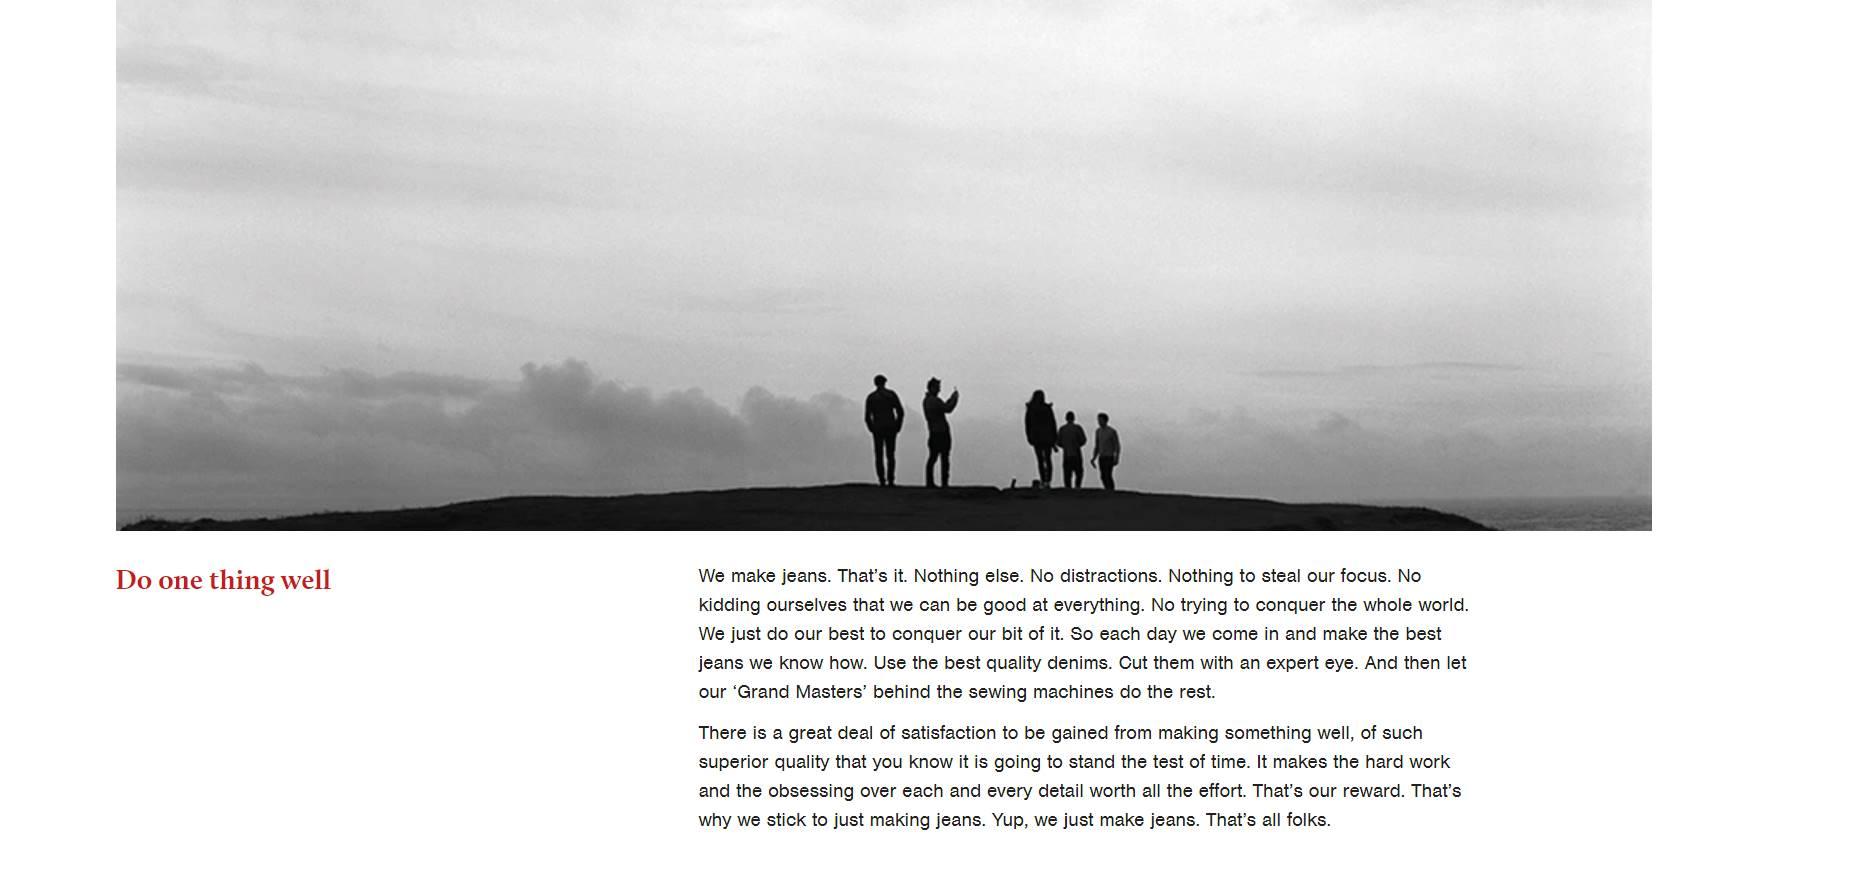 รูปที่ 2. หน้าแรกบนเว็บไซต์ของแบรนด์ Hiut Denim